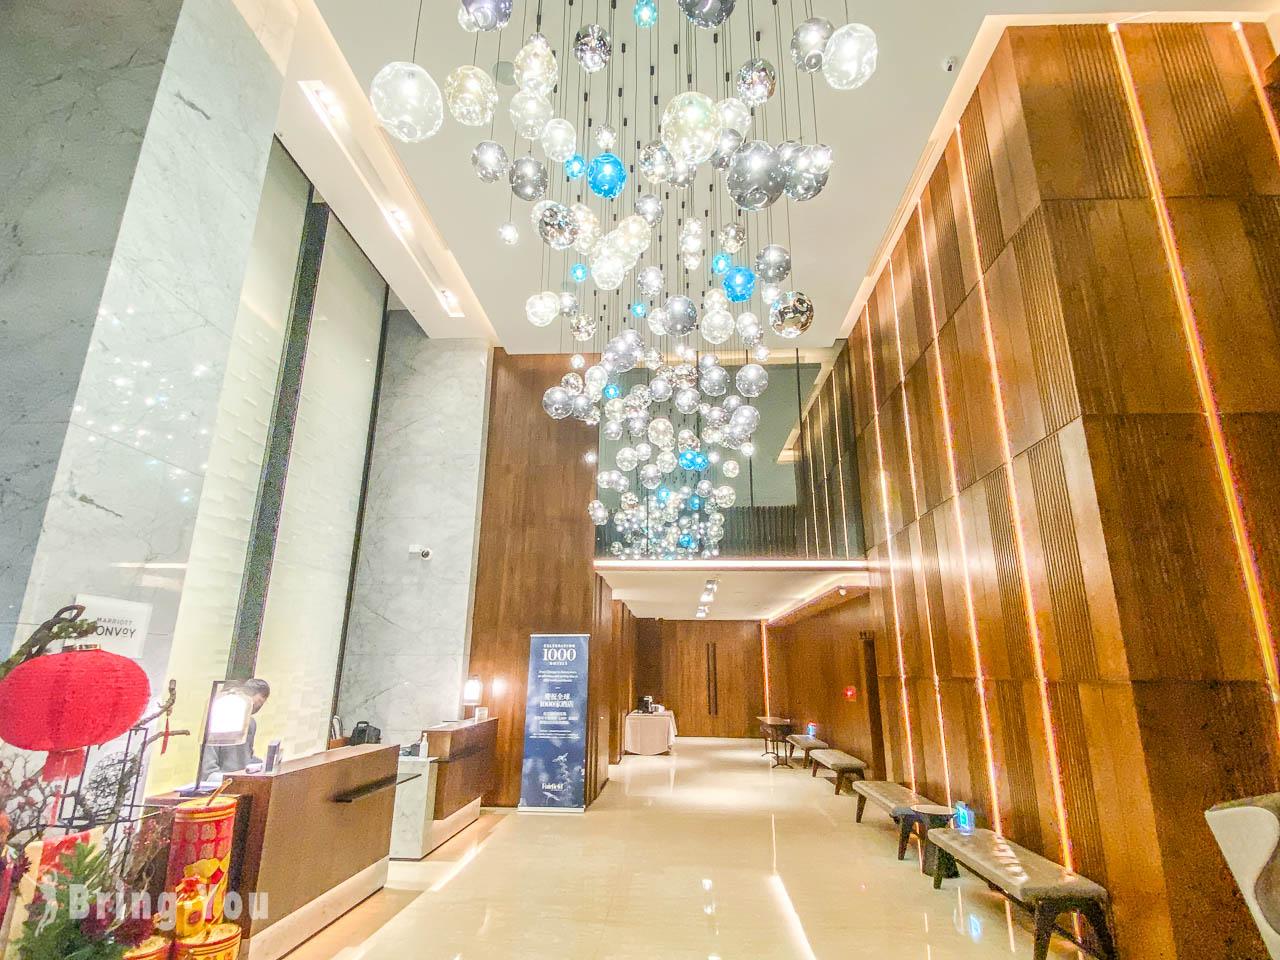 台中萬楓酒店|台中第一家萬豪飯店,逢甲夜市、高鐵站附近商務飯店推薦